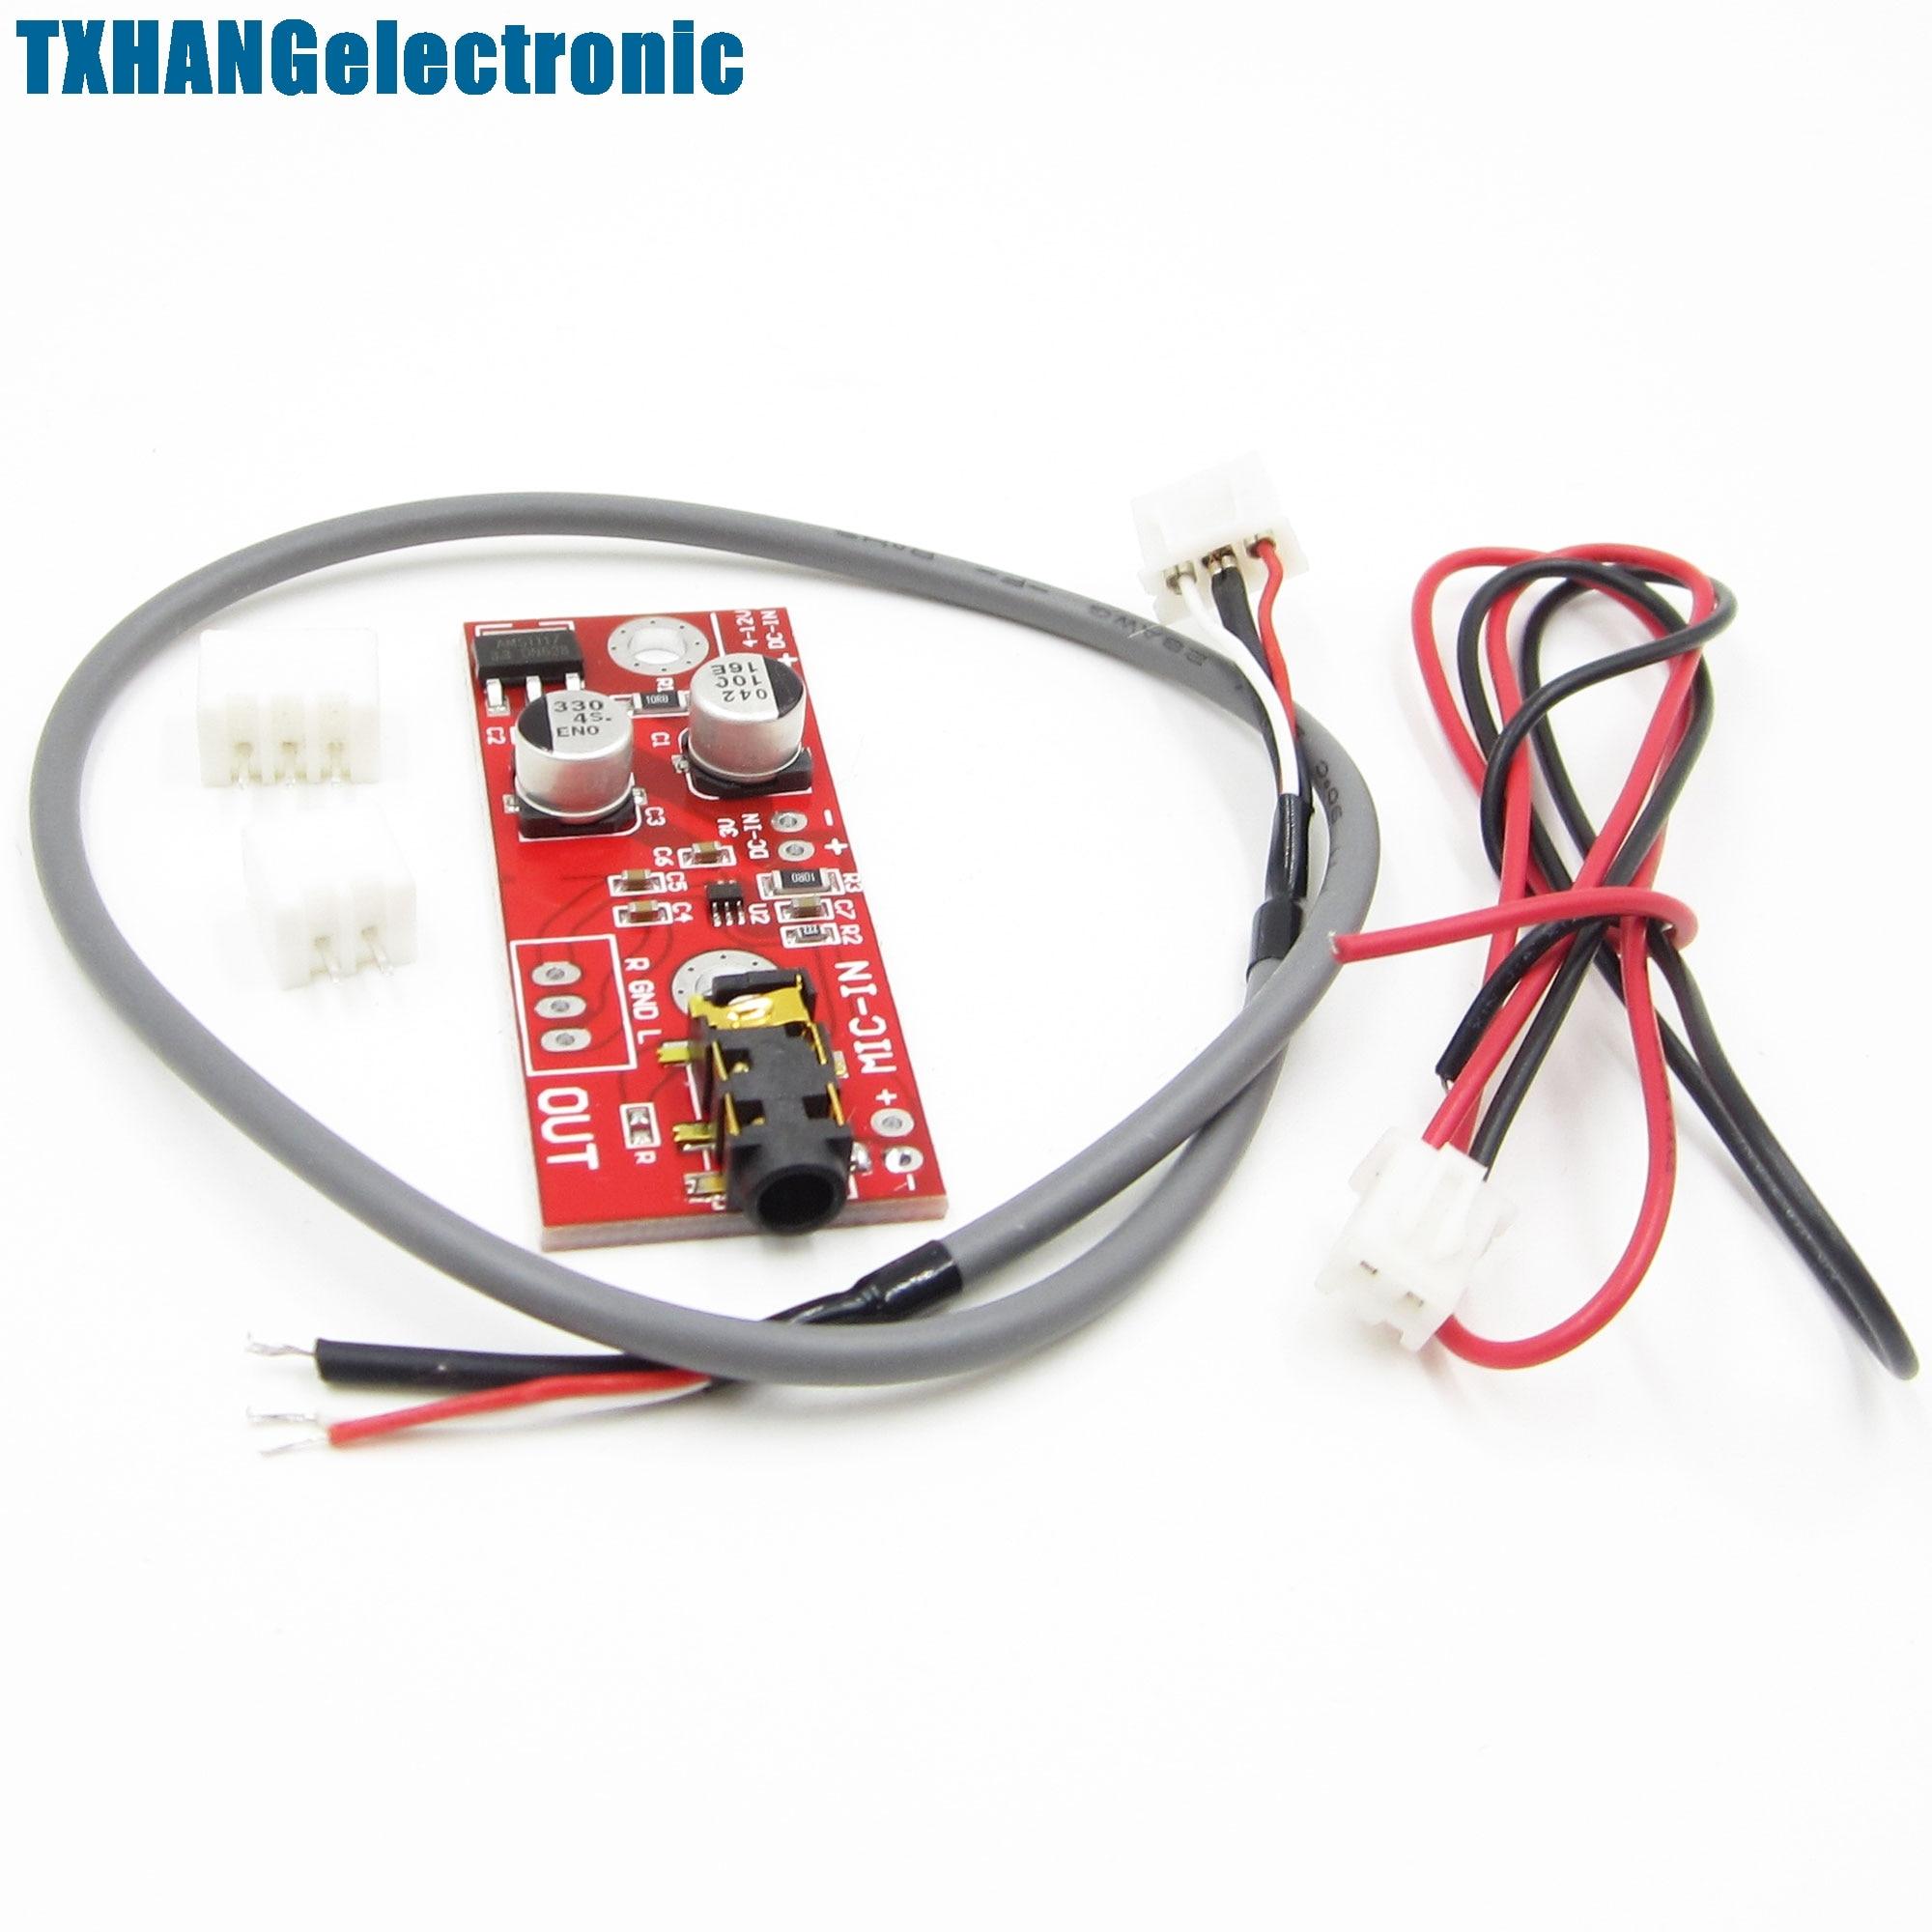 MAX9812 Electret Microphone Amplifier Board 3V/5V/12V Input NEW